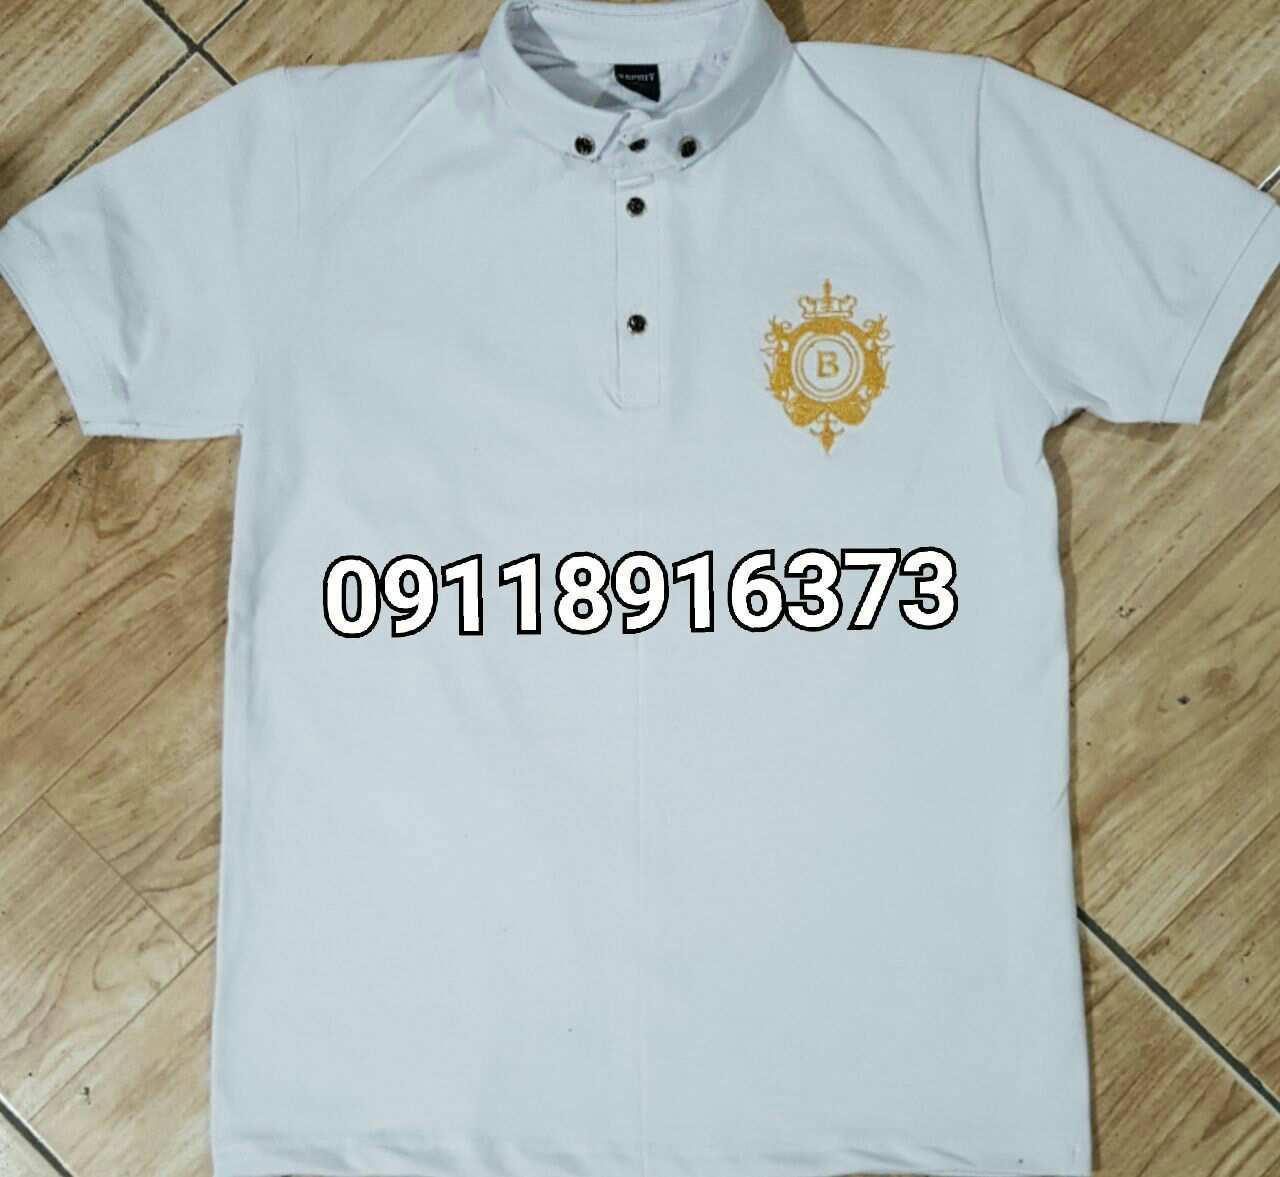 فروش عمده تی شرت مردانه ارزان جودون